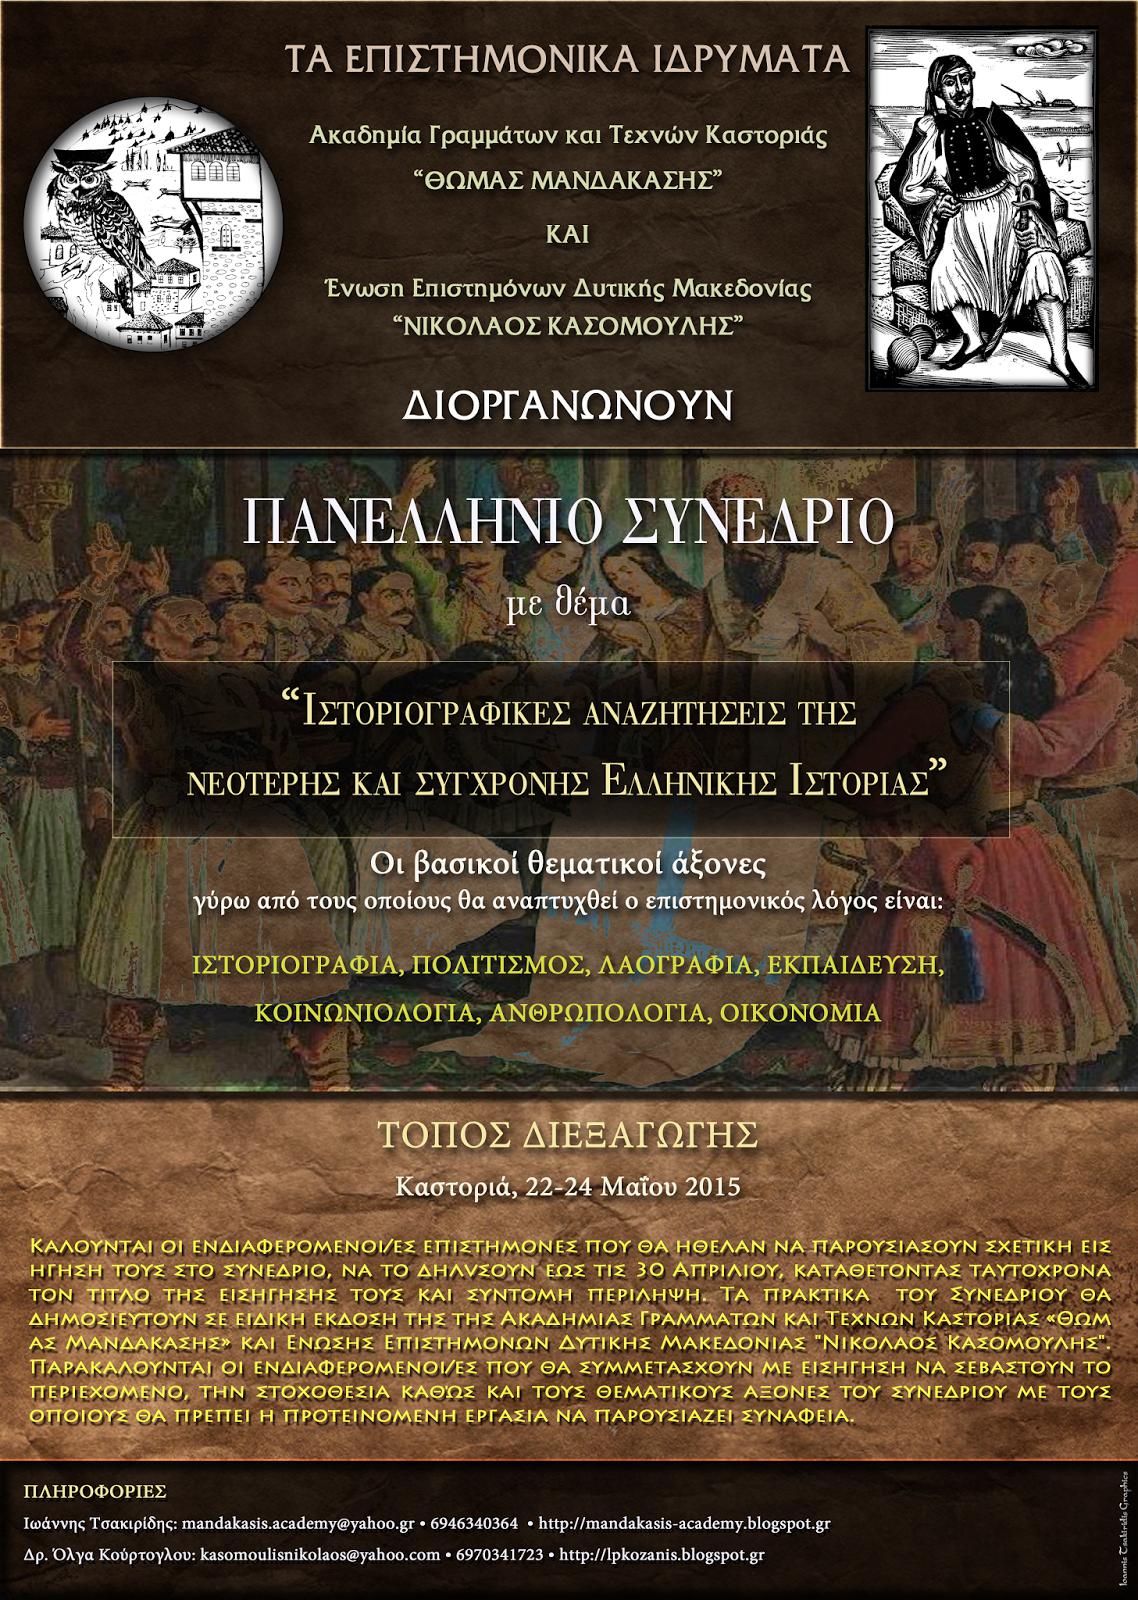 """Συνδιοργάνωση Συνεδρίου της Ακαδημίας μας με θέμα """"Ιστοριογραφικές αναζητήσεις της νεότερης και σύγχρονης Ελληνικής Ιστορίας"""""""